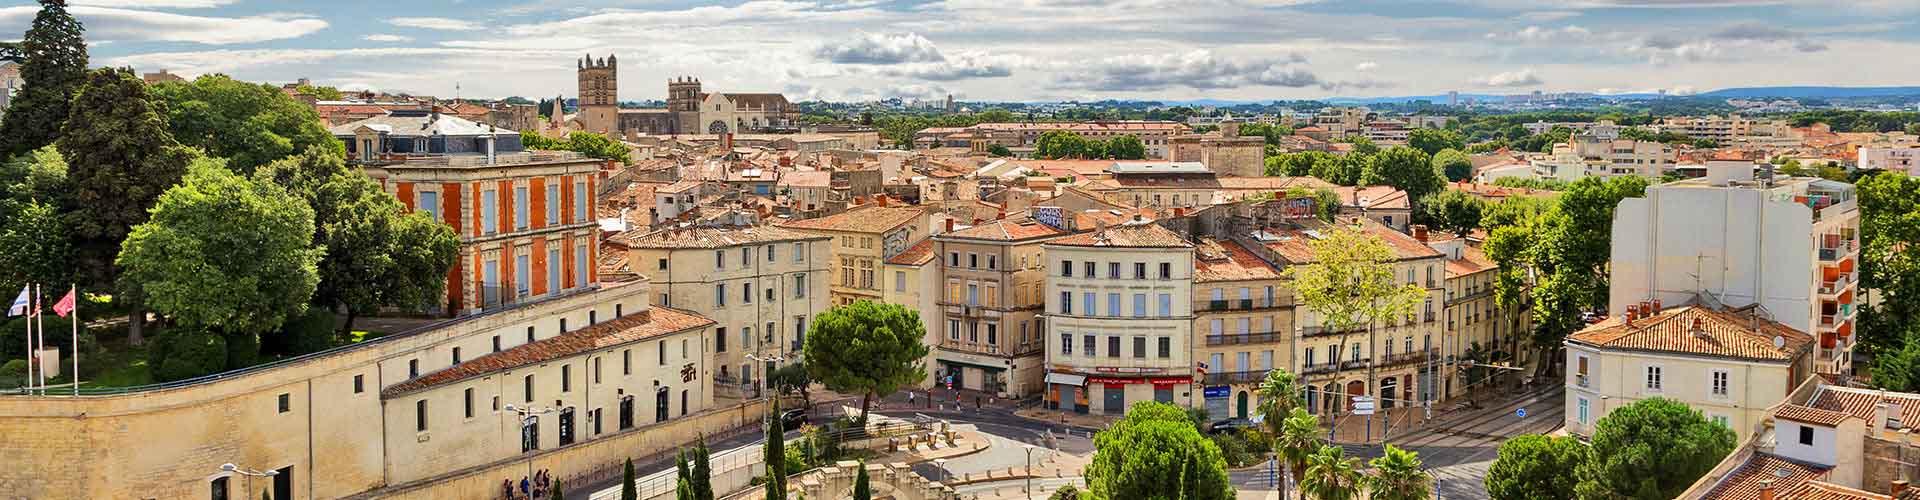 Montpellier - Habitaciones en Montpellier. Mapas de Montpellier, Fotos y comentarios de cada Habitación en Montpellier.